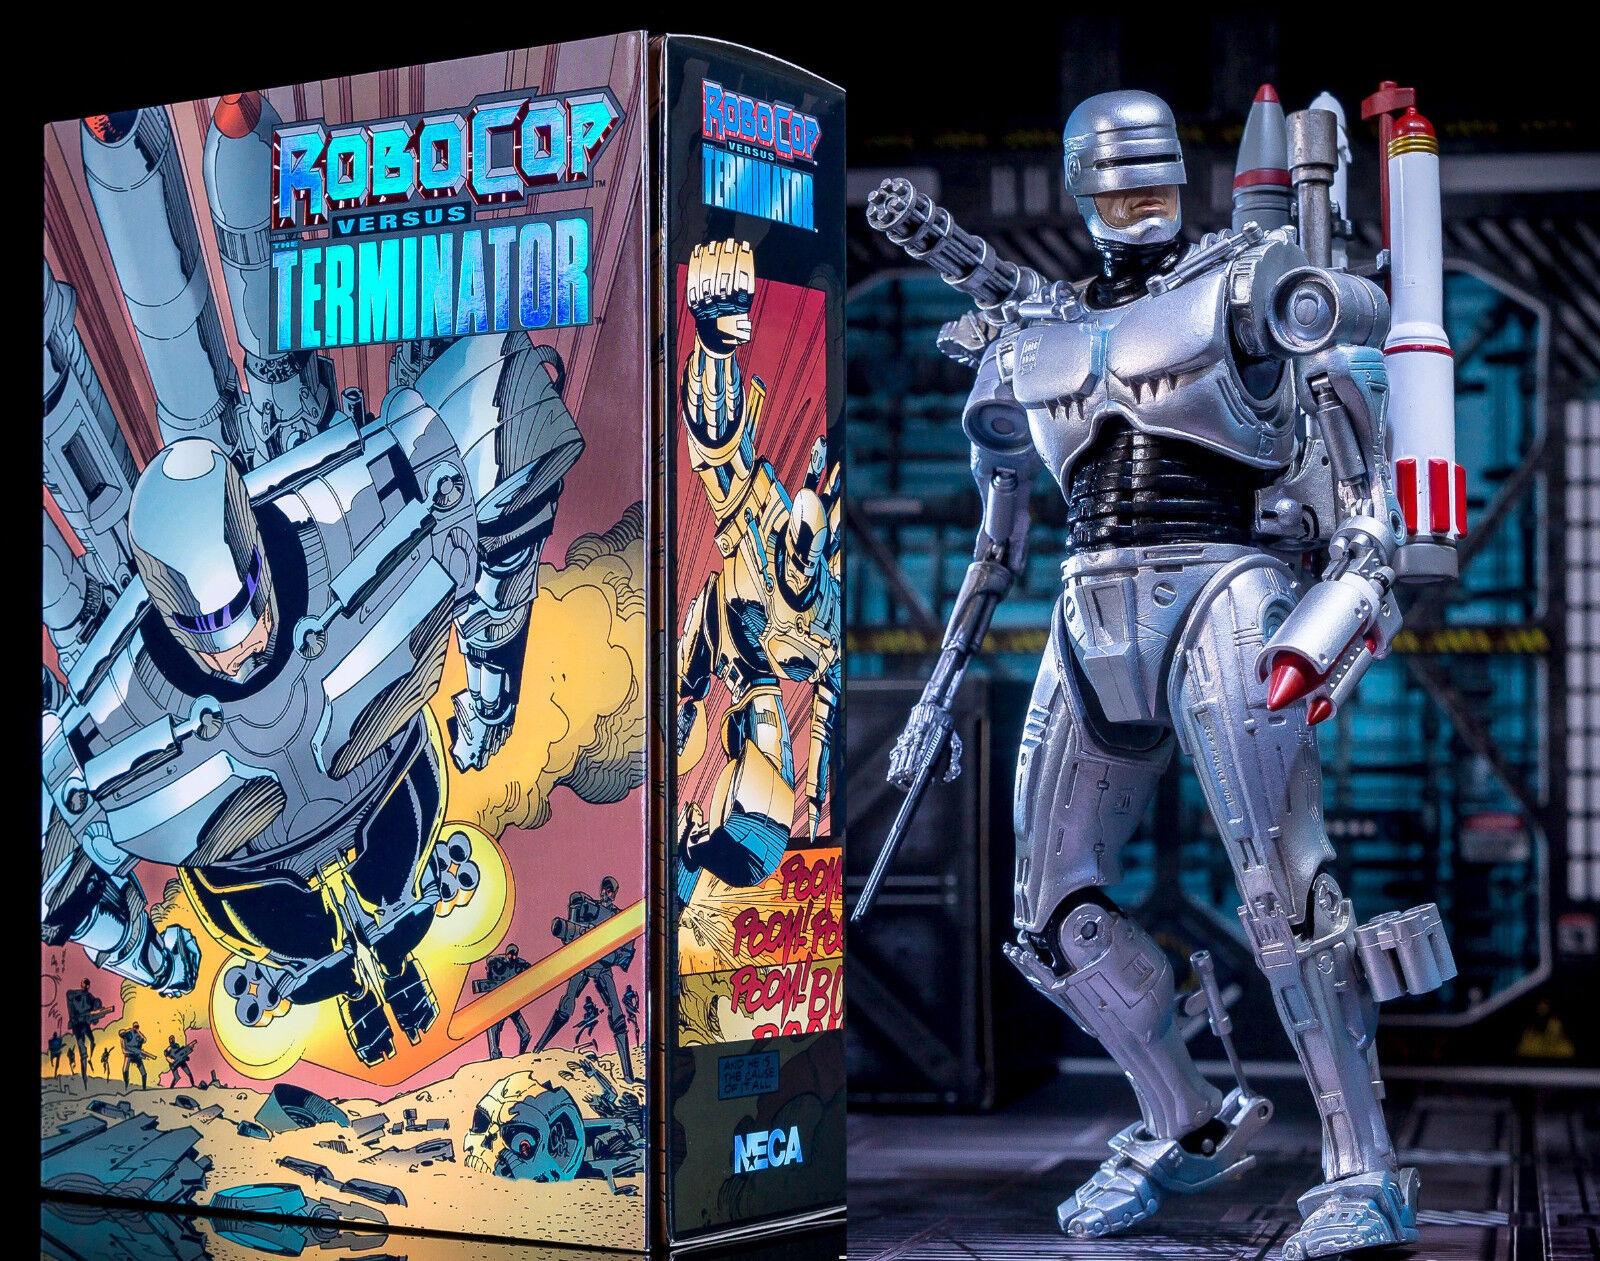 Neca robocop und der terminator - endgültige zukunft - figur - neuf   emball é